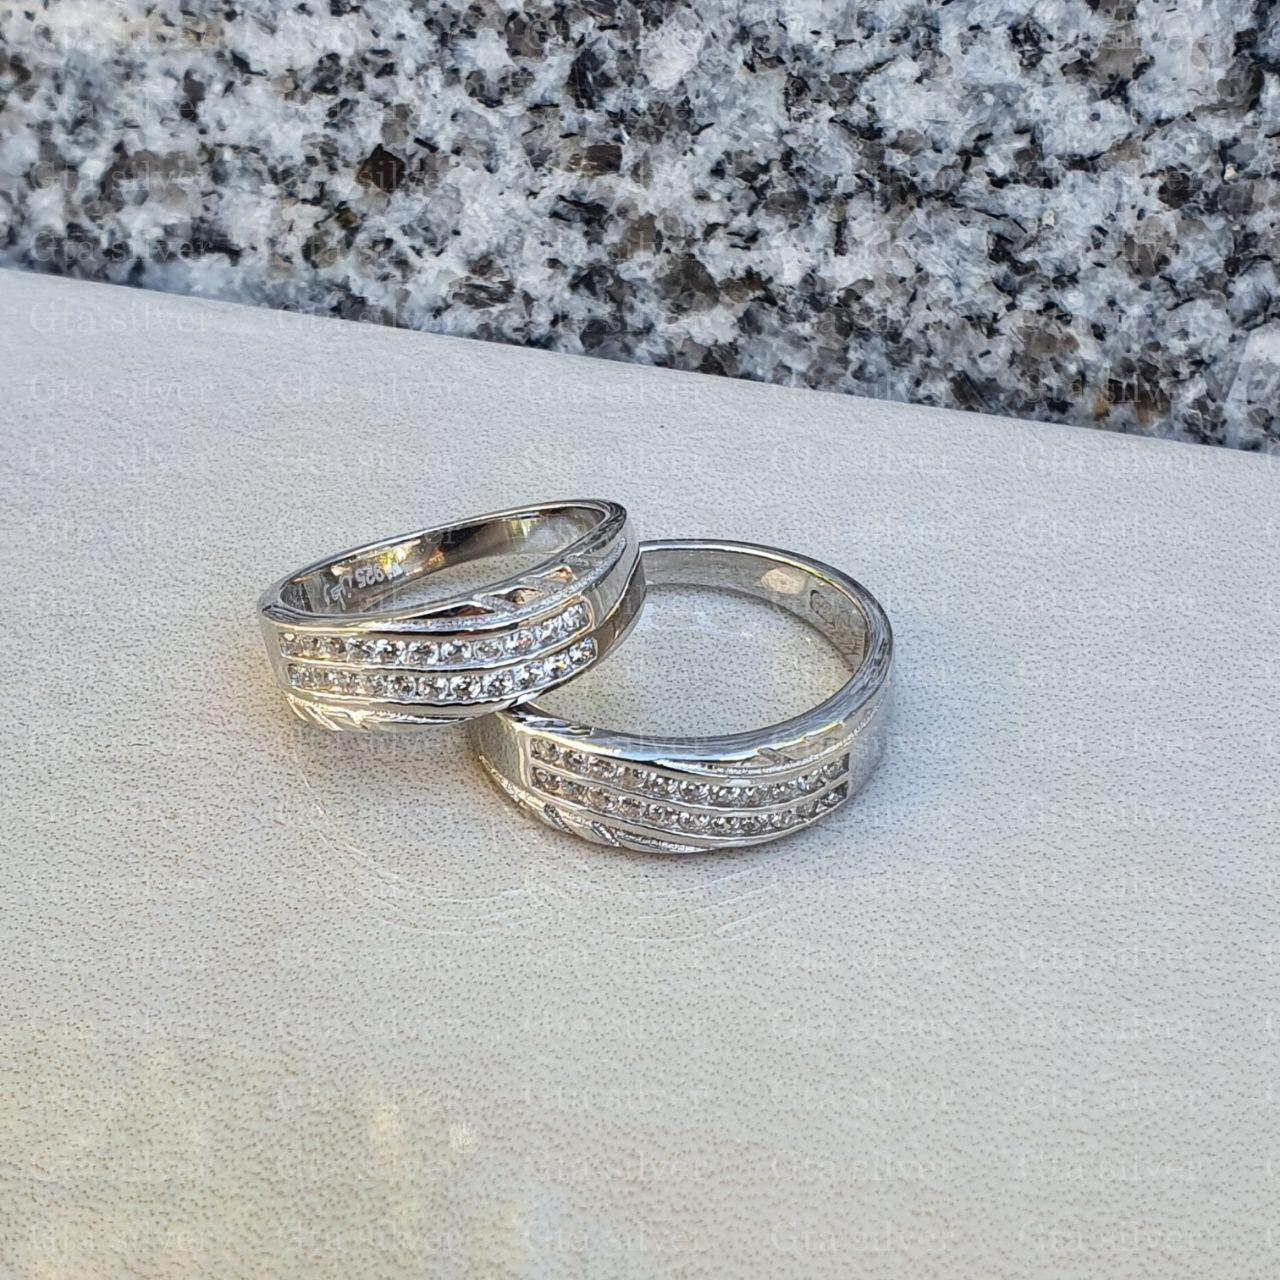 ست حلقه ازدواج وزن 7.5 گرم مدل 19